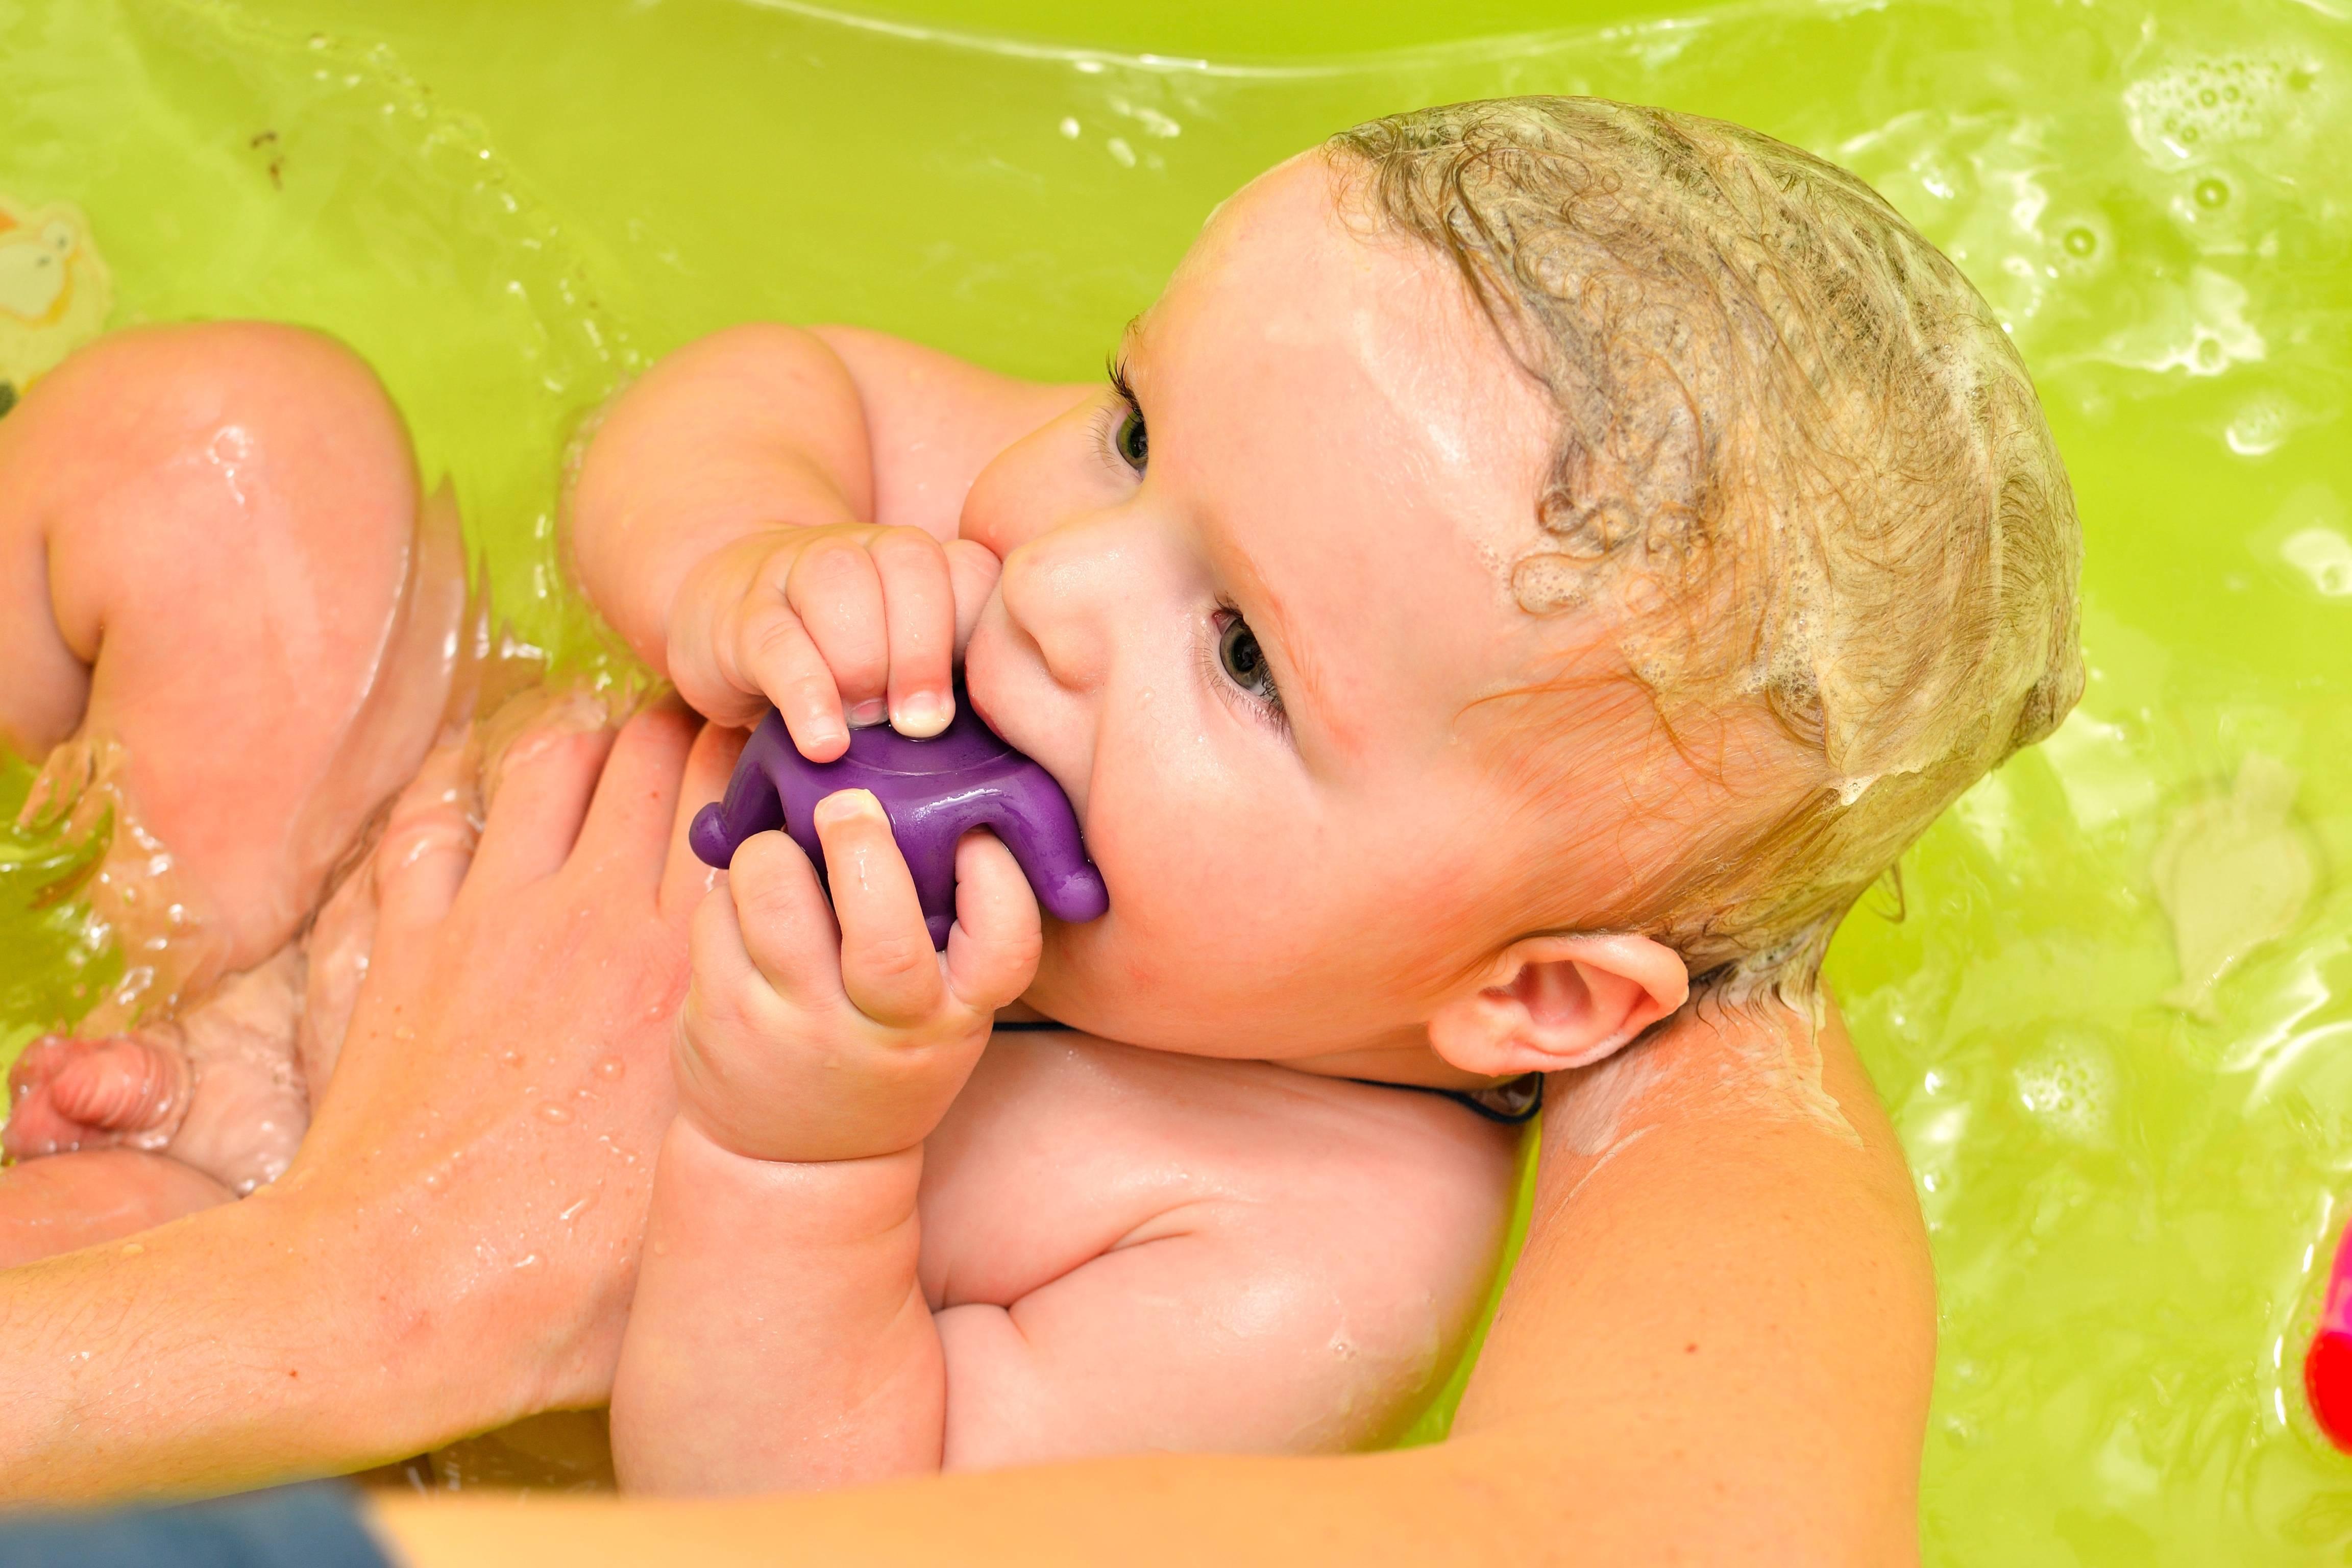 В какое время лучше купать грудничка и как правильно купать новорожденного ребенка первый раз • твоя семья - информационный семейный портал